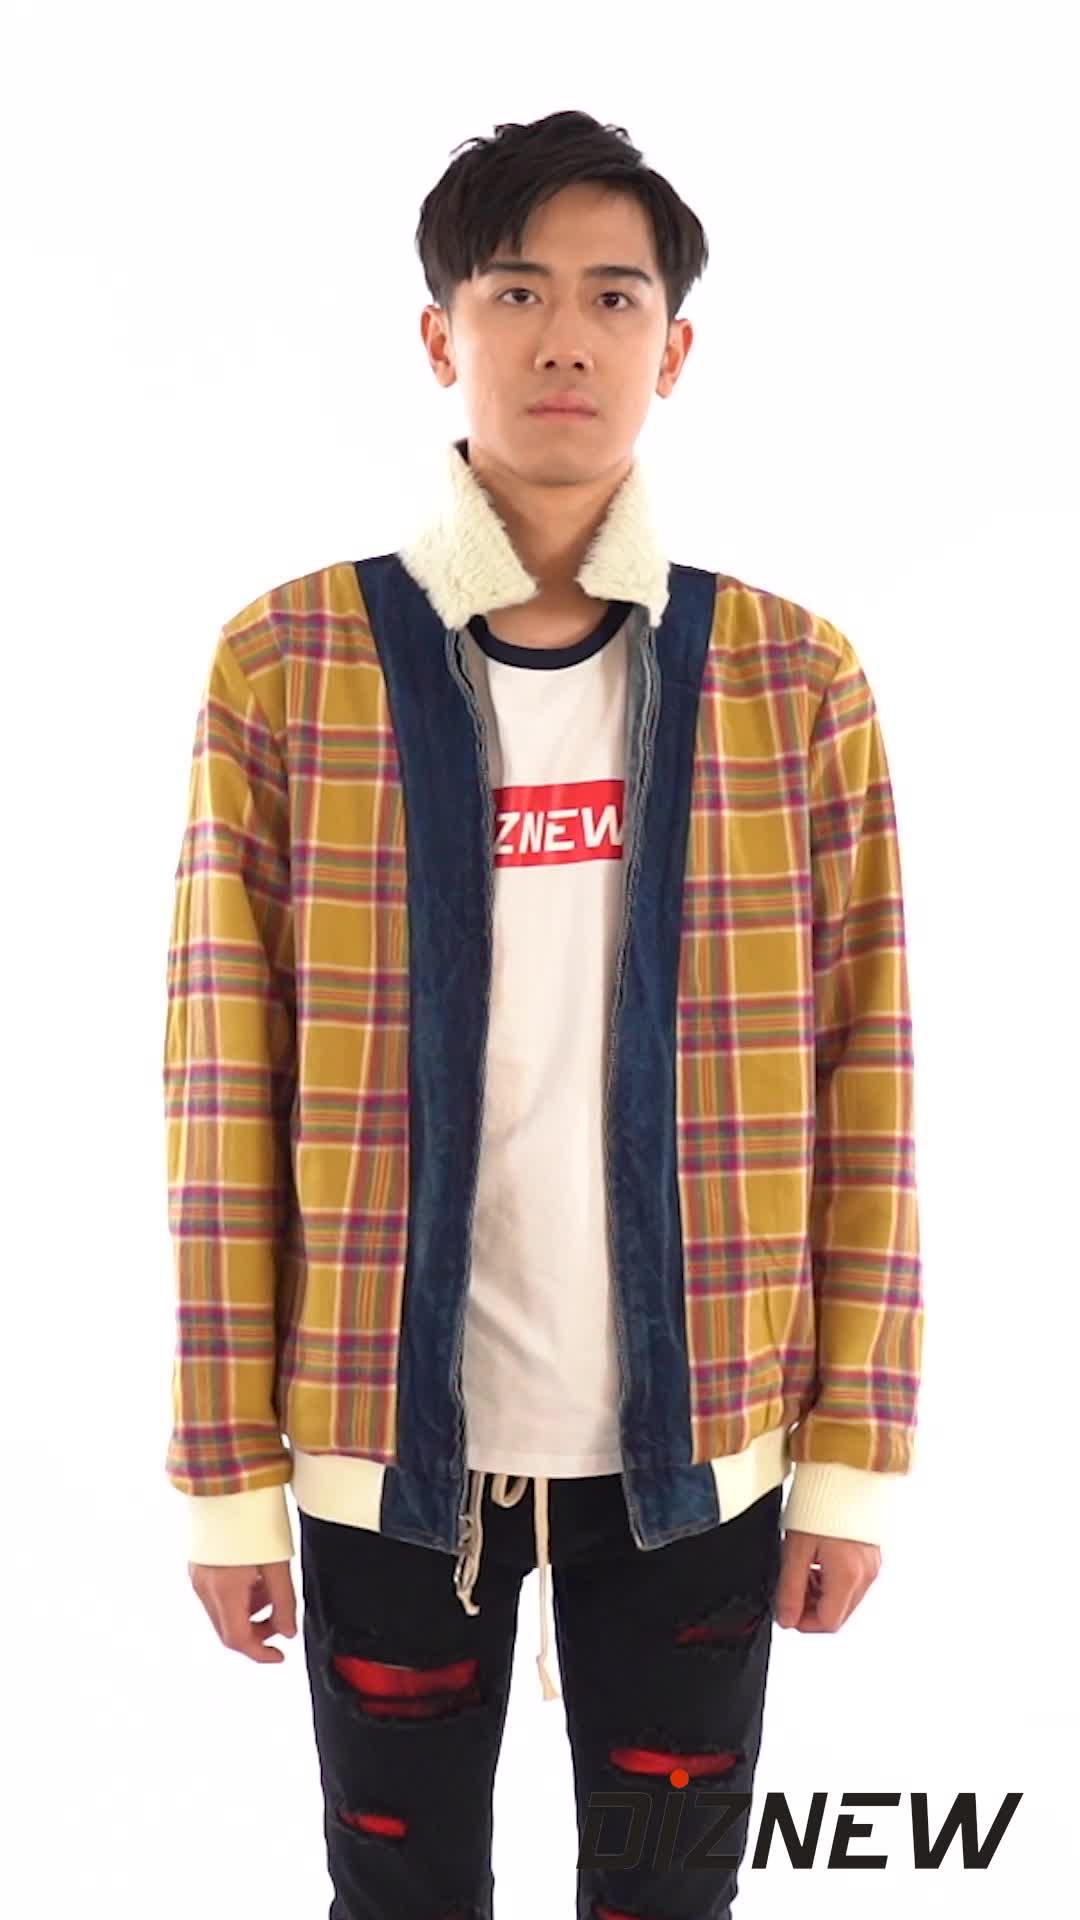 DiZNEW À Manches Longues À Carreaux Shearling Réversible Chemises jeans Veste Hommes